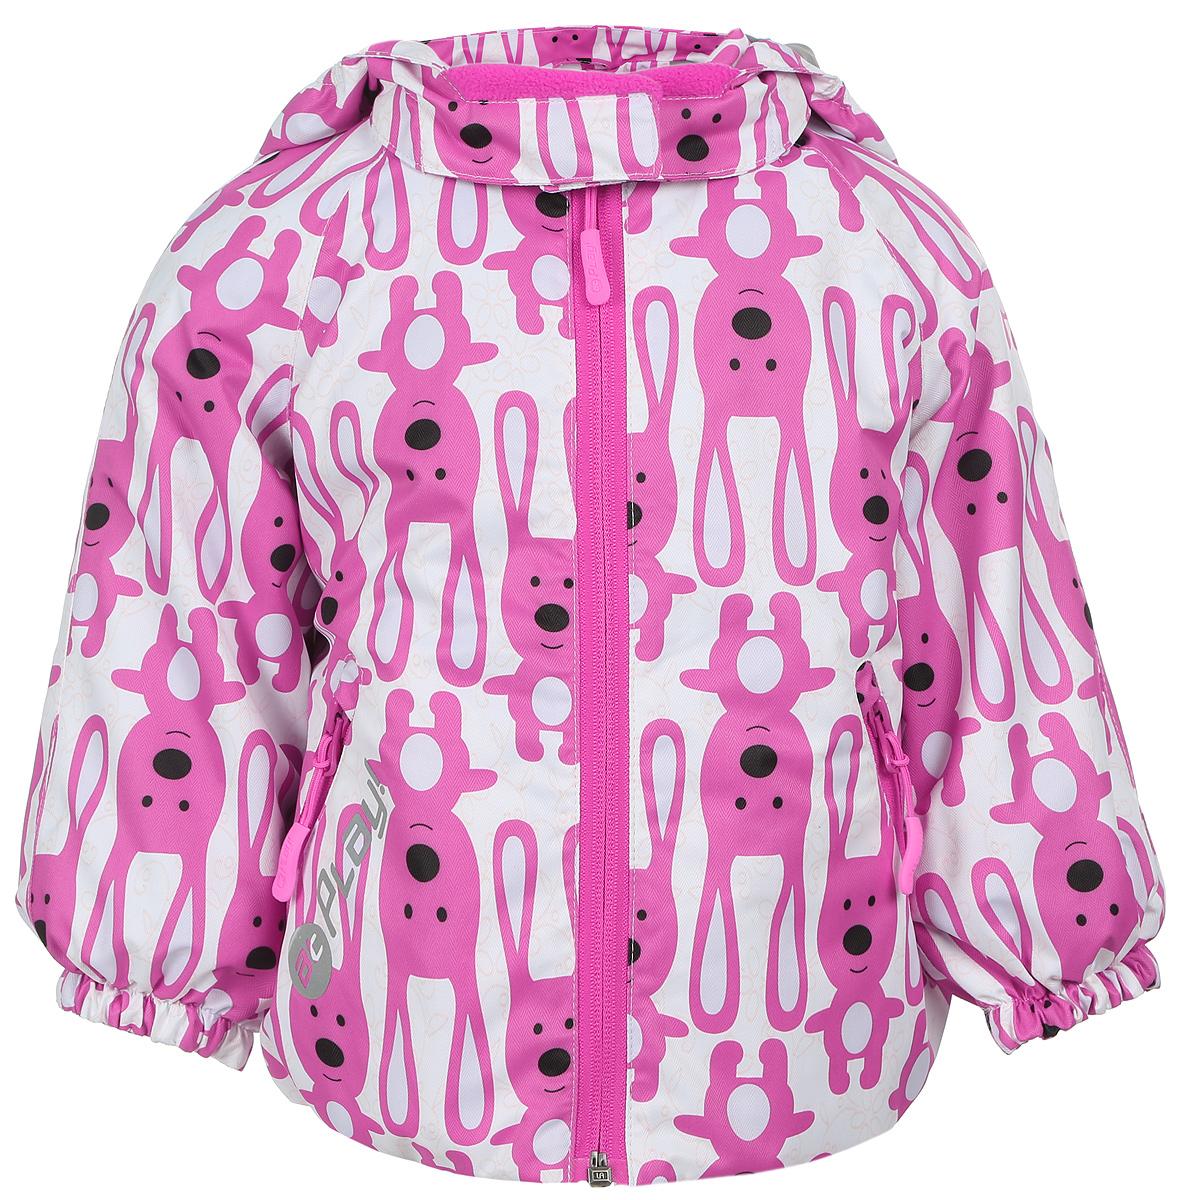 1jk703Удобная и комфортная куртка для девочки atPlay! выполнена из качественного полиэстера, с покрытием Teflon от DuPont, которое облегчает уход за этой одеждой. Дышащая способность: 5000г/м и водонепроницаемость куртки: 5000мм. Куртка 2 в1 с отстегивающейся флисовой поддевкой- кофточкой из материала Polar fleese, которая служит как утеплитель, а также ее можно носить отдельно. Такая кофточка отличное решение для весеннего периода, к тому же она изготовлена с антипиллинговой обработкой ворса для сохранения качественных характеристик на более длительный срок. Куртка с воротником-стойкой и отстегивающимся капюшоном застегивается на молнию с защитой подбородка. Капюшон имеет спереди защитный клапан на липучках. Манжеты рукавов, капюшон и низ изделия дополнены эластичными резинками. Спереди модель оформлена двумя прорезными карманами на застежках-молниях, с внутренней стороны на поддевке-кофточке расположены два накладных кармана. Куртка оснащена...